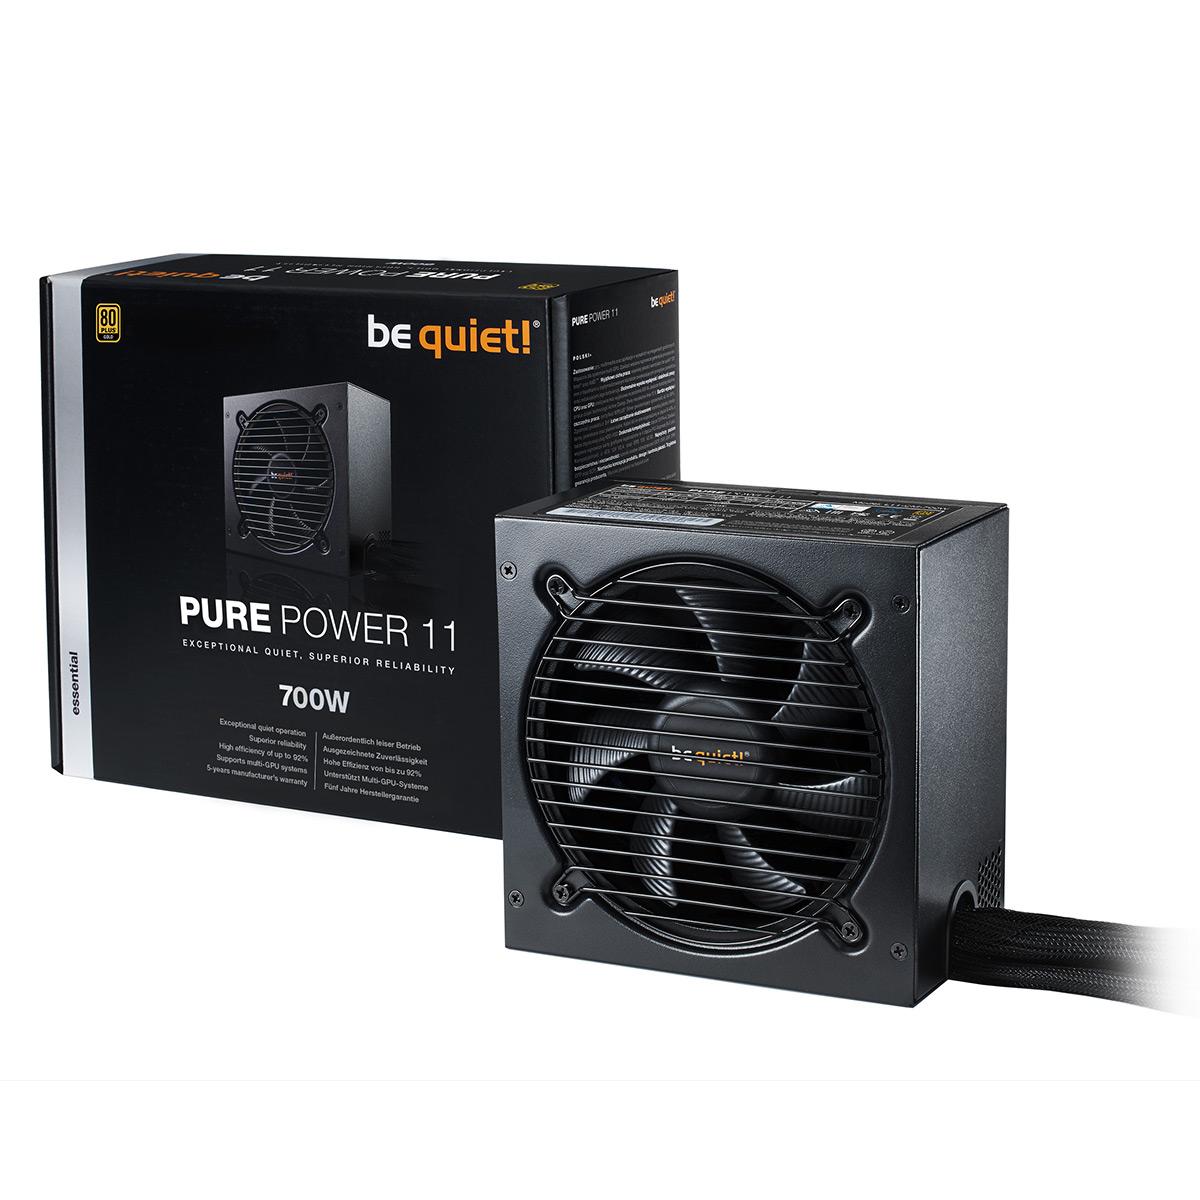 Alimentation PC be quiet! Pure Power 11 700W 80PLUS Gold Alimentation 700W ATX 12V 2.4 (Garantie 5 ans constructeur) - 80PLUS Gold